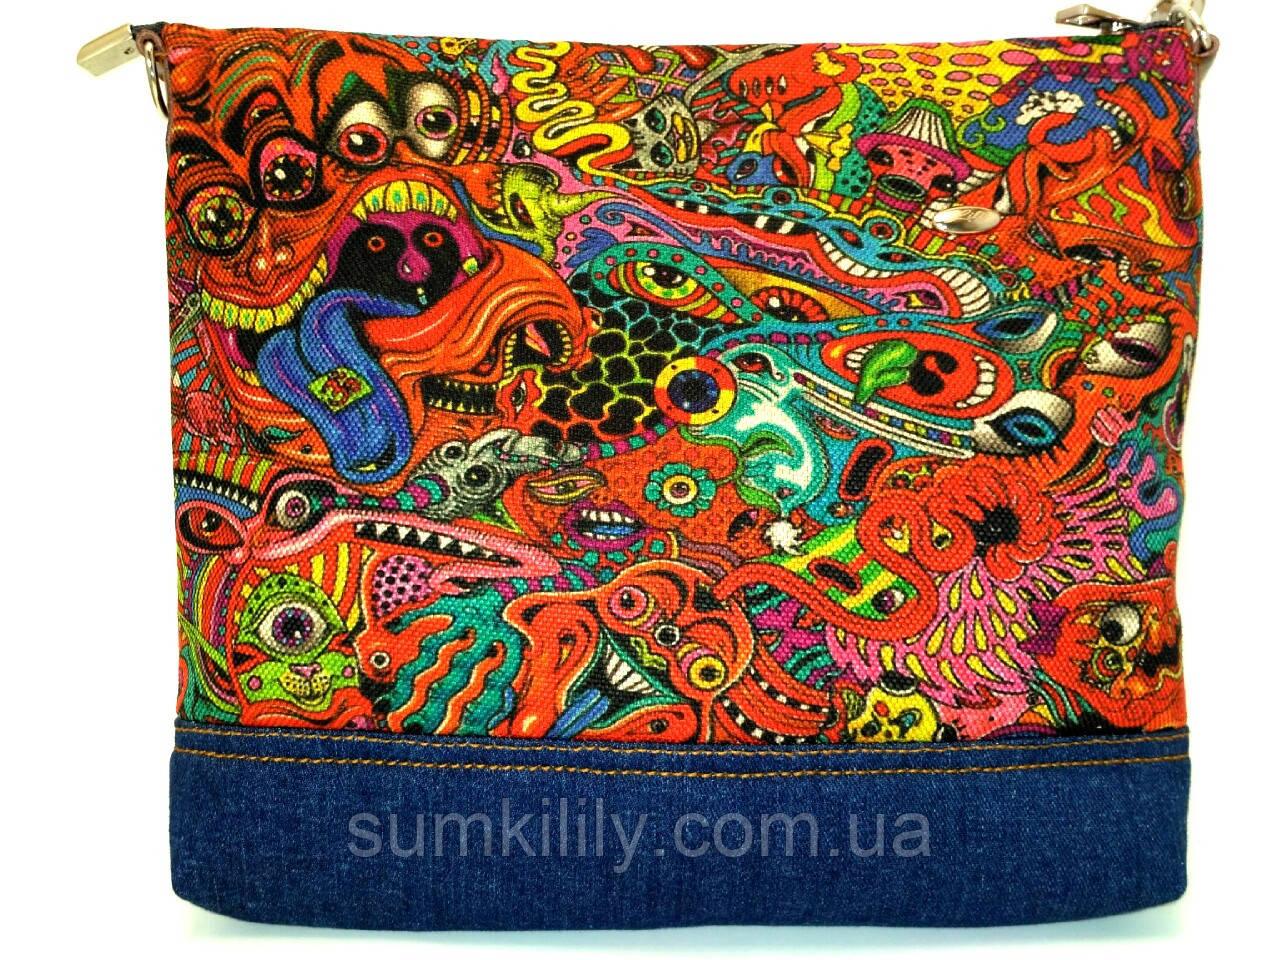 Женская сумочка Абра Кадабра 2